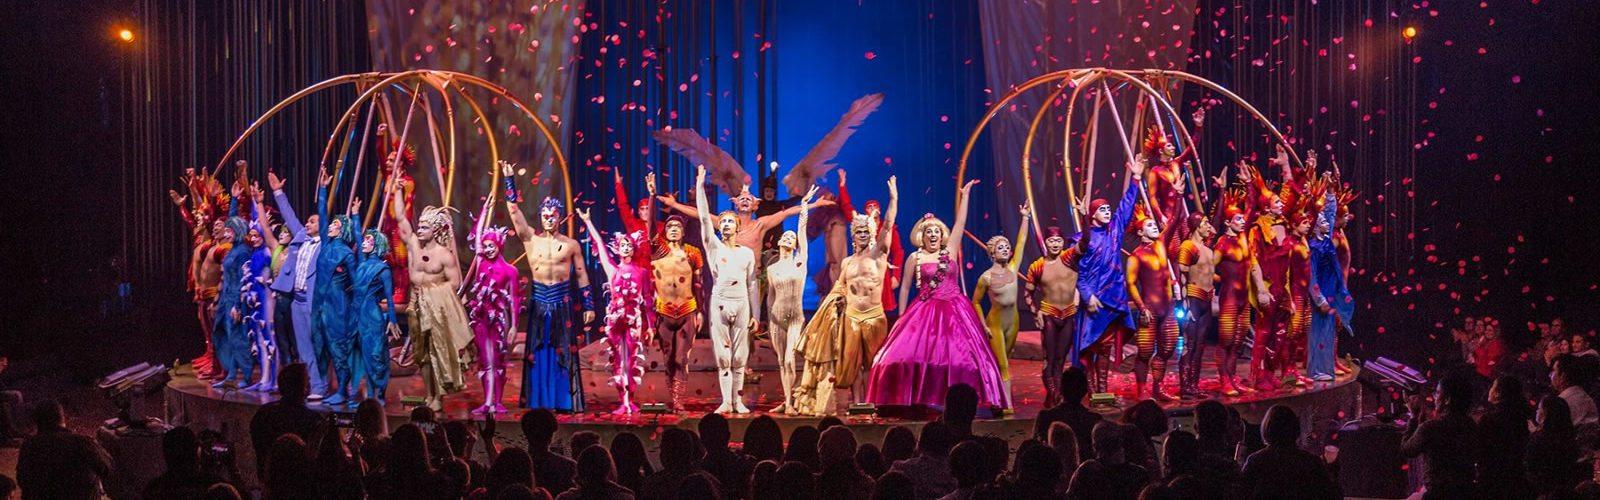 assister-a-un-spectacle-du-cirque-du-soleil-une